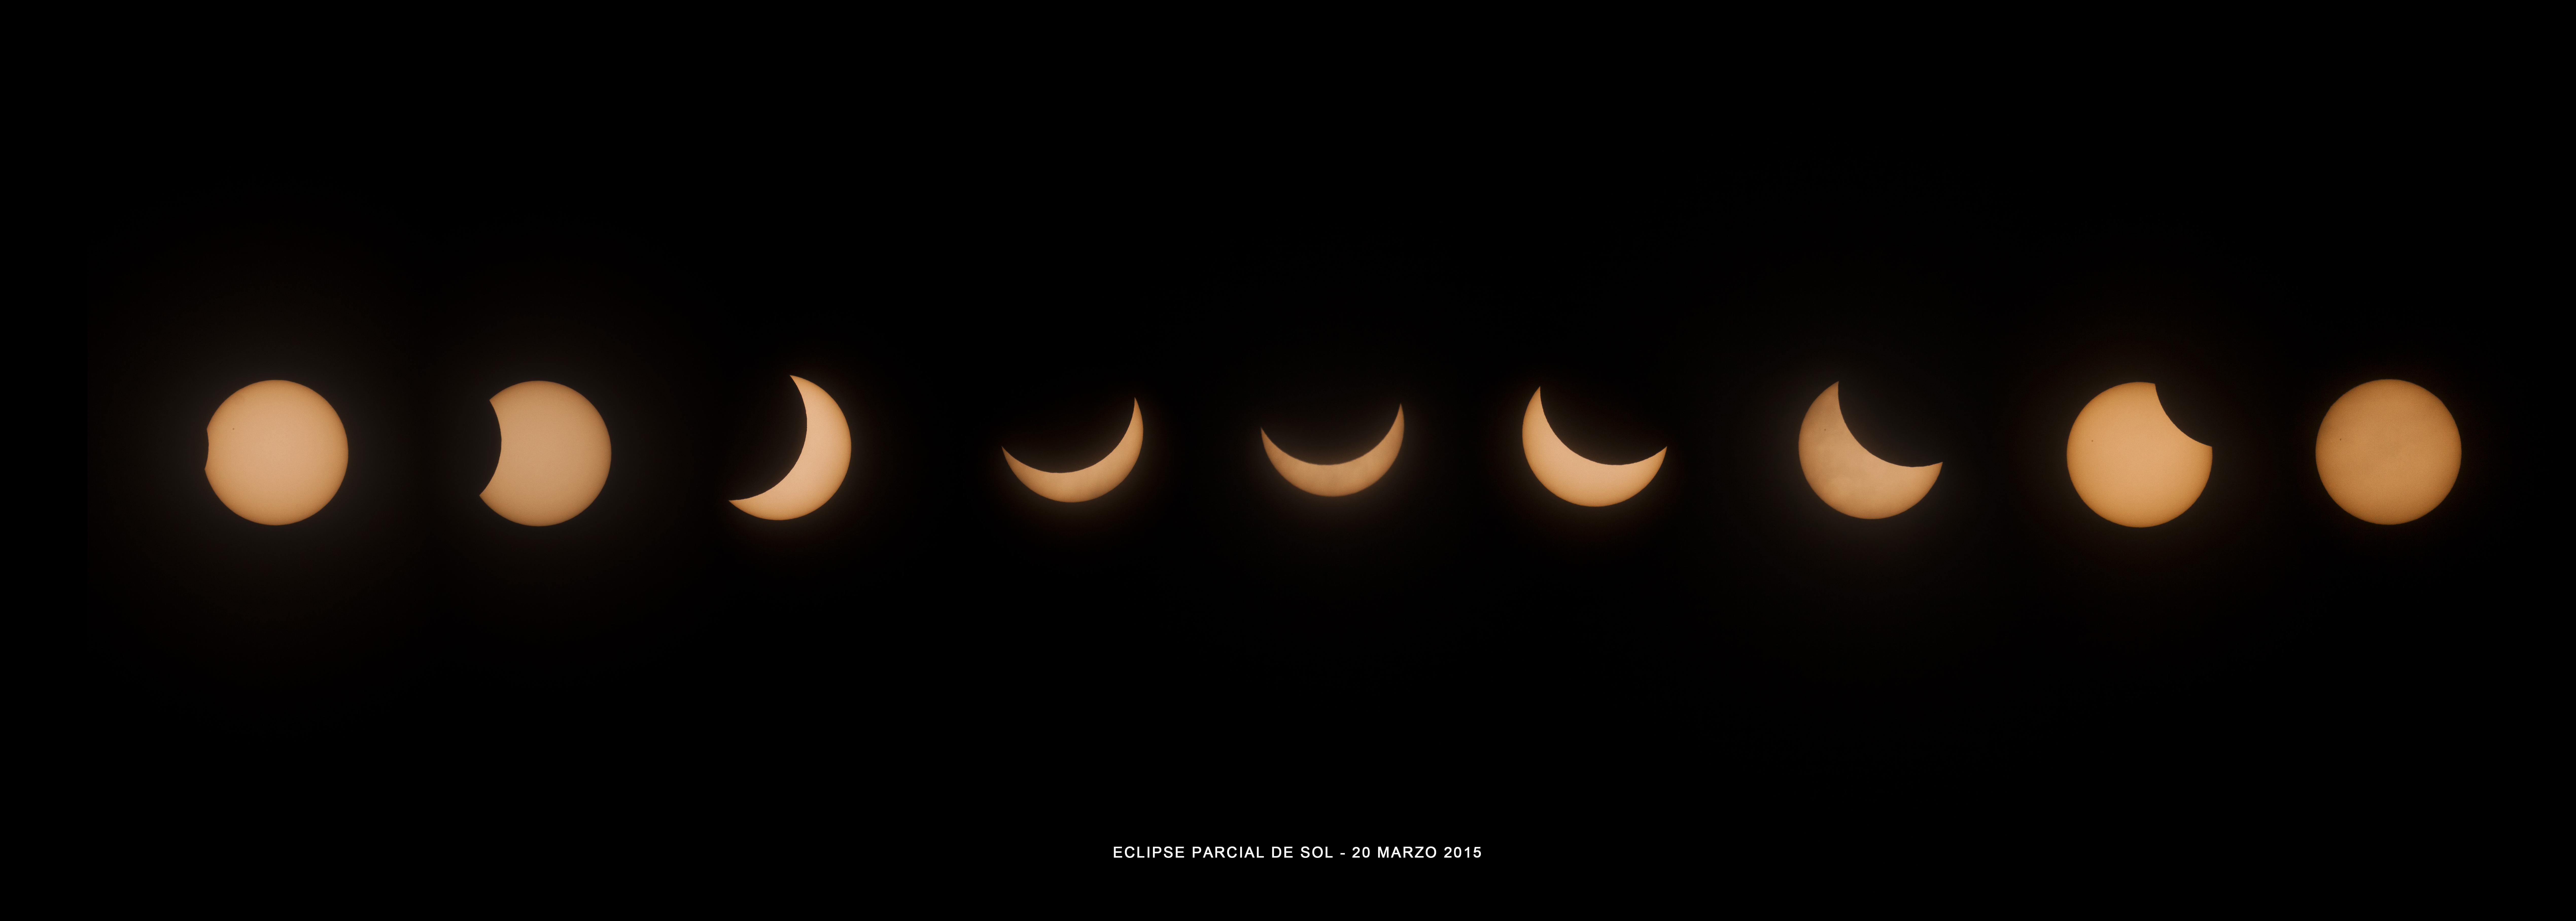 Eclipse 20 de Marzo de 2015